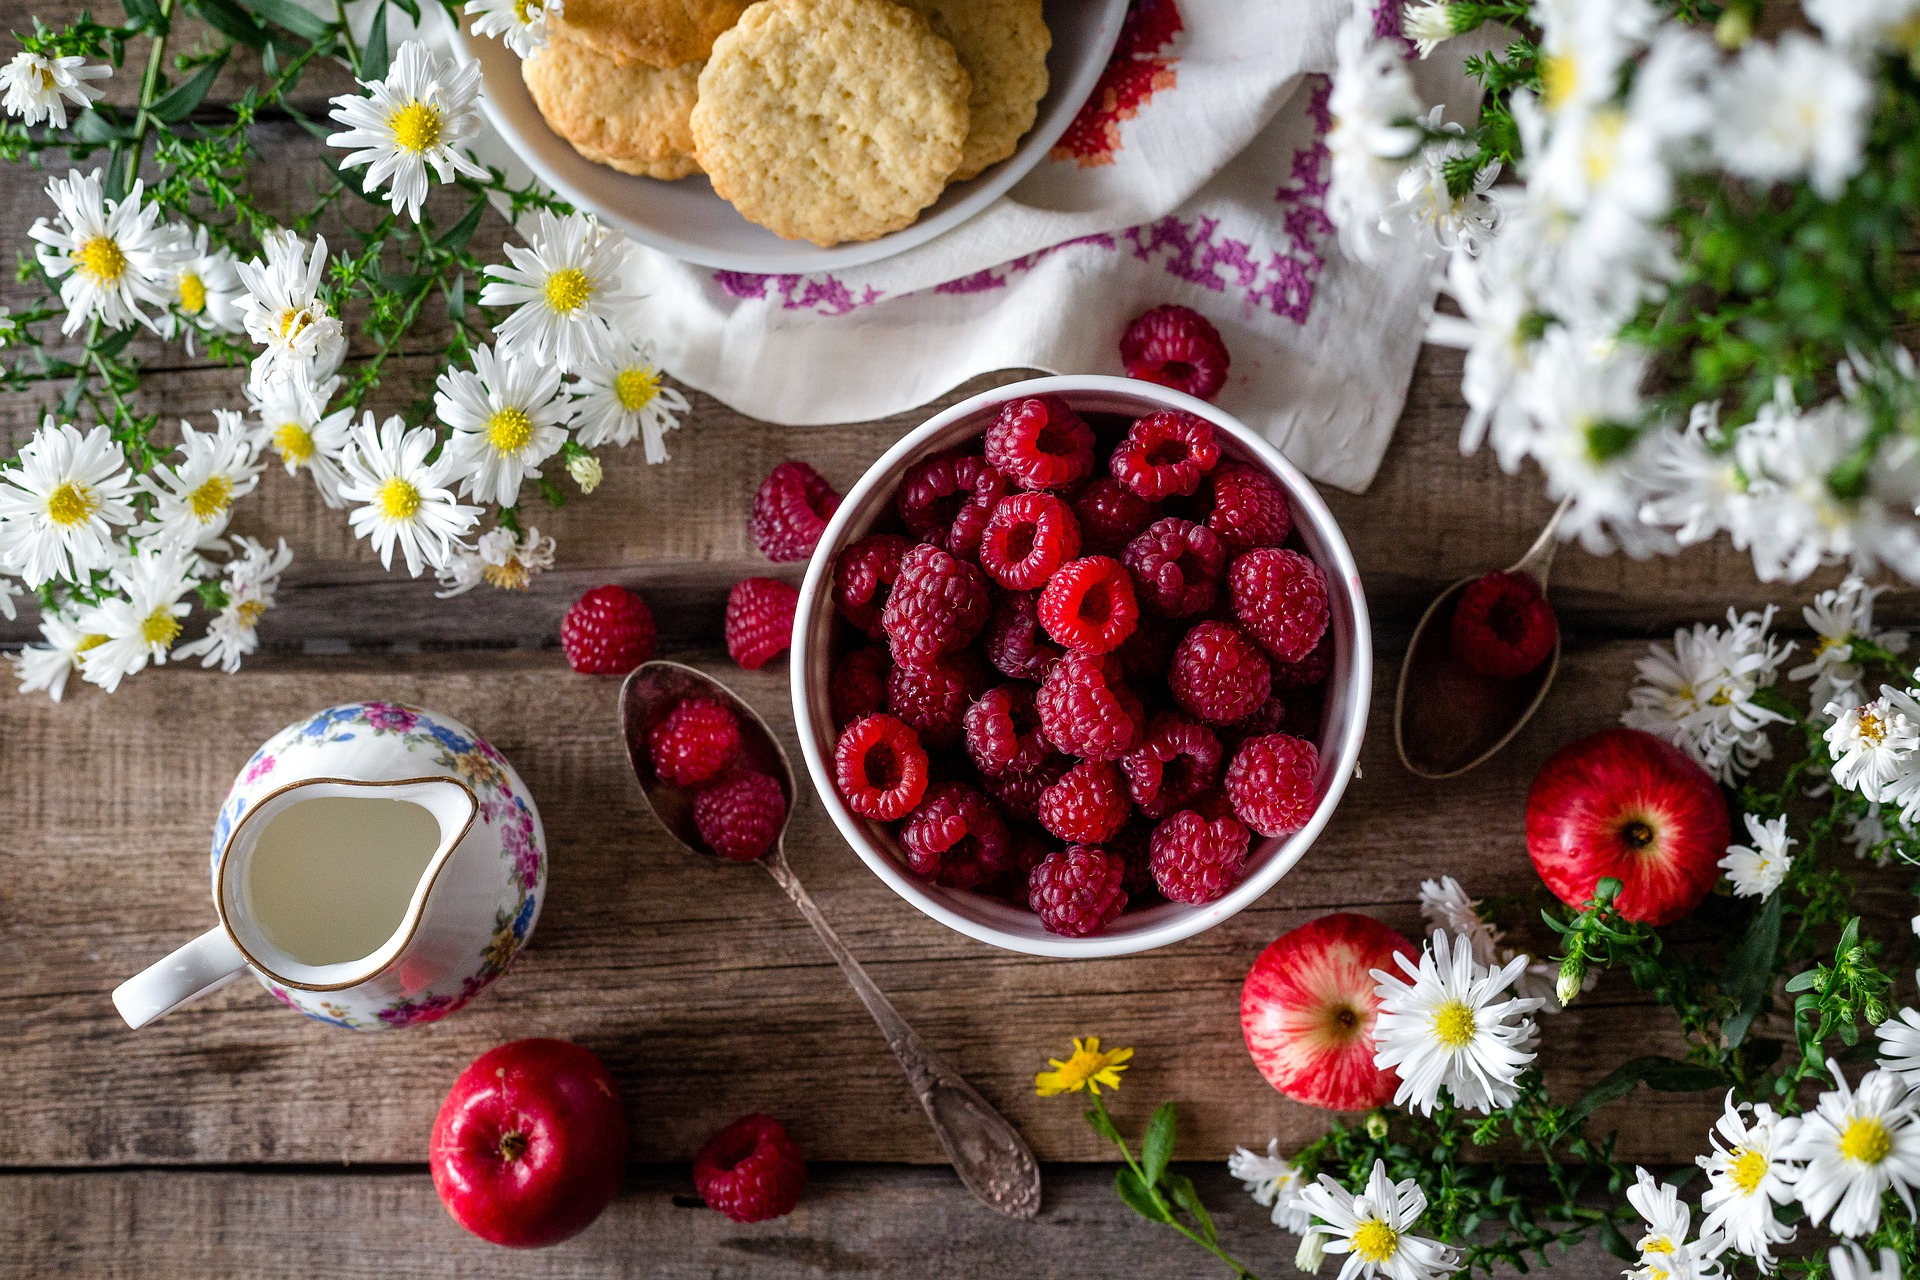 raspberry-2023404_1920.jpg